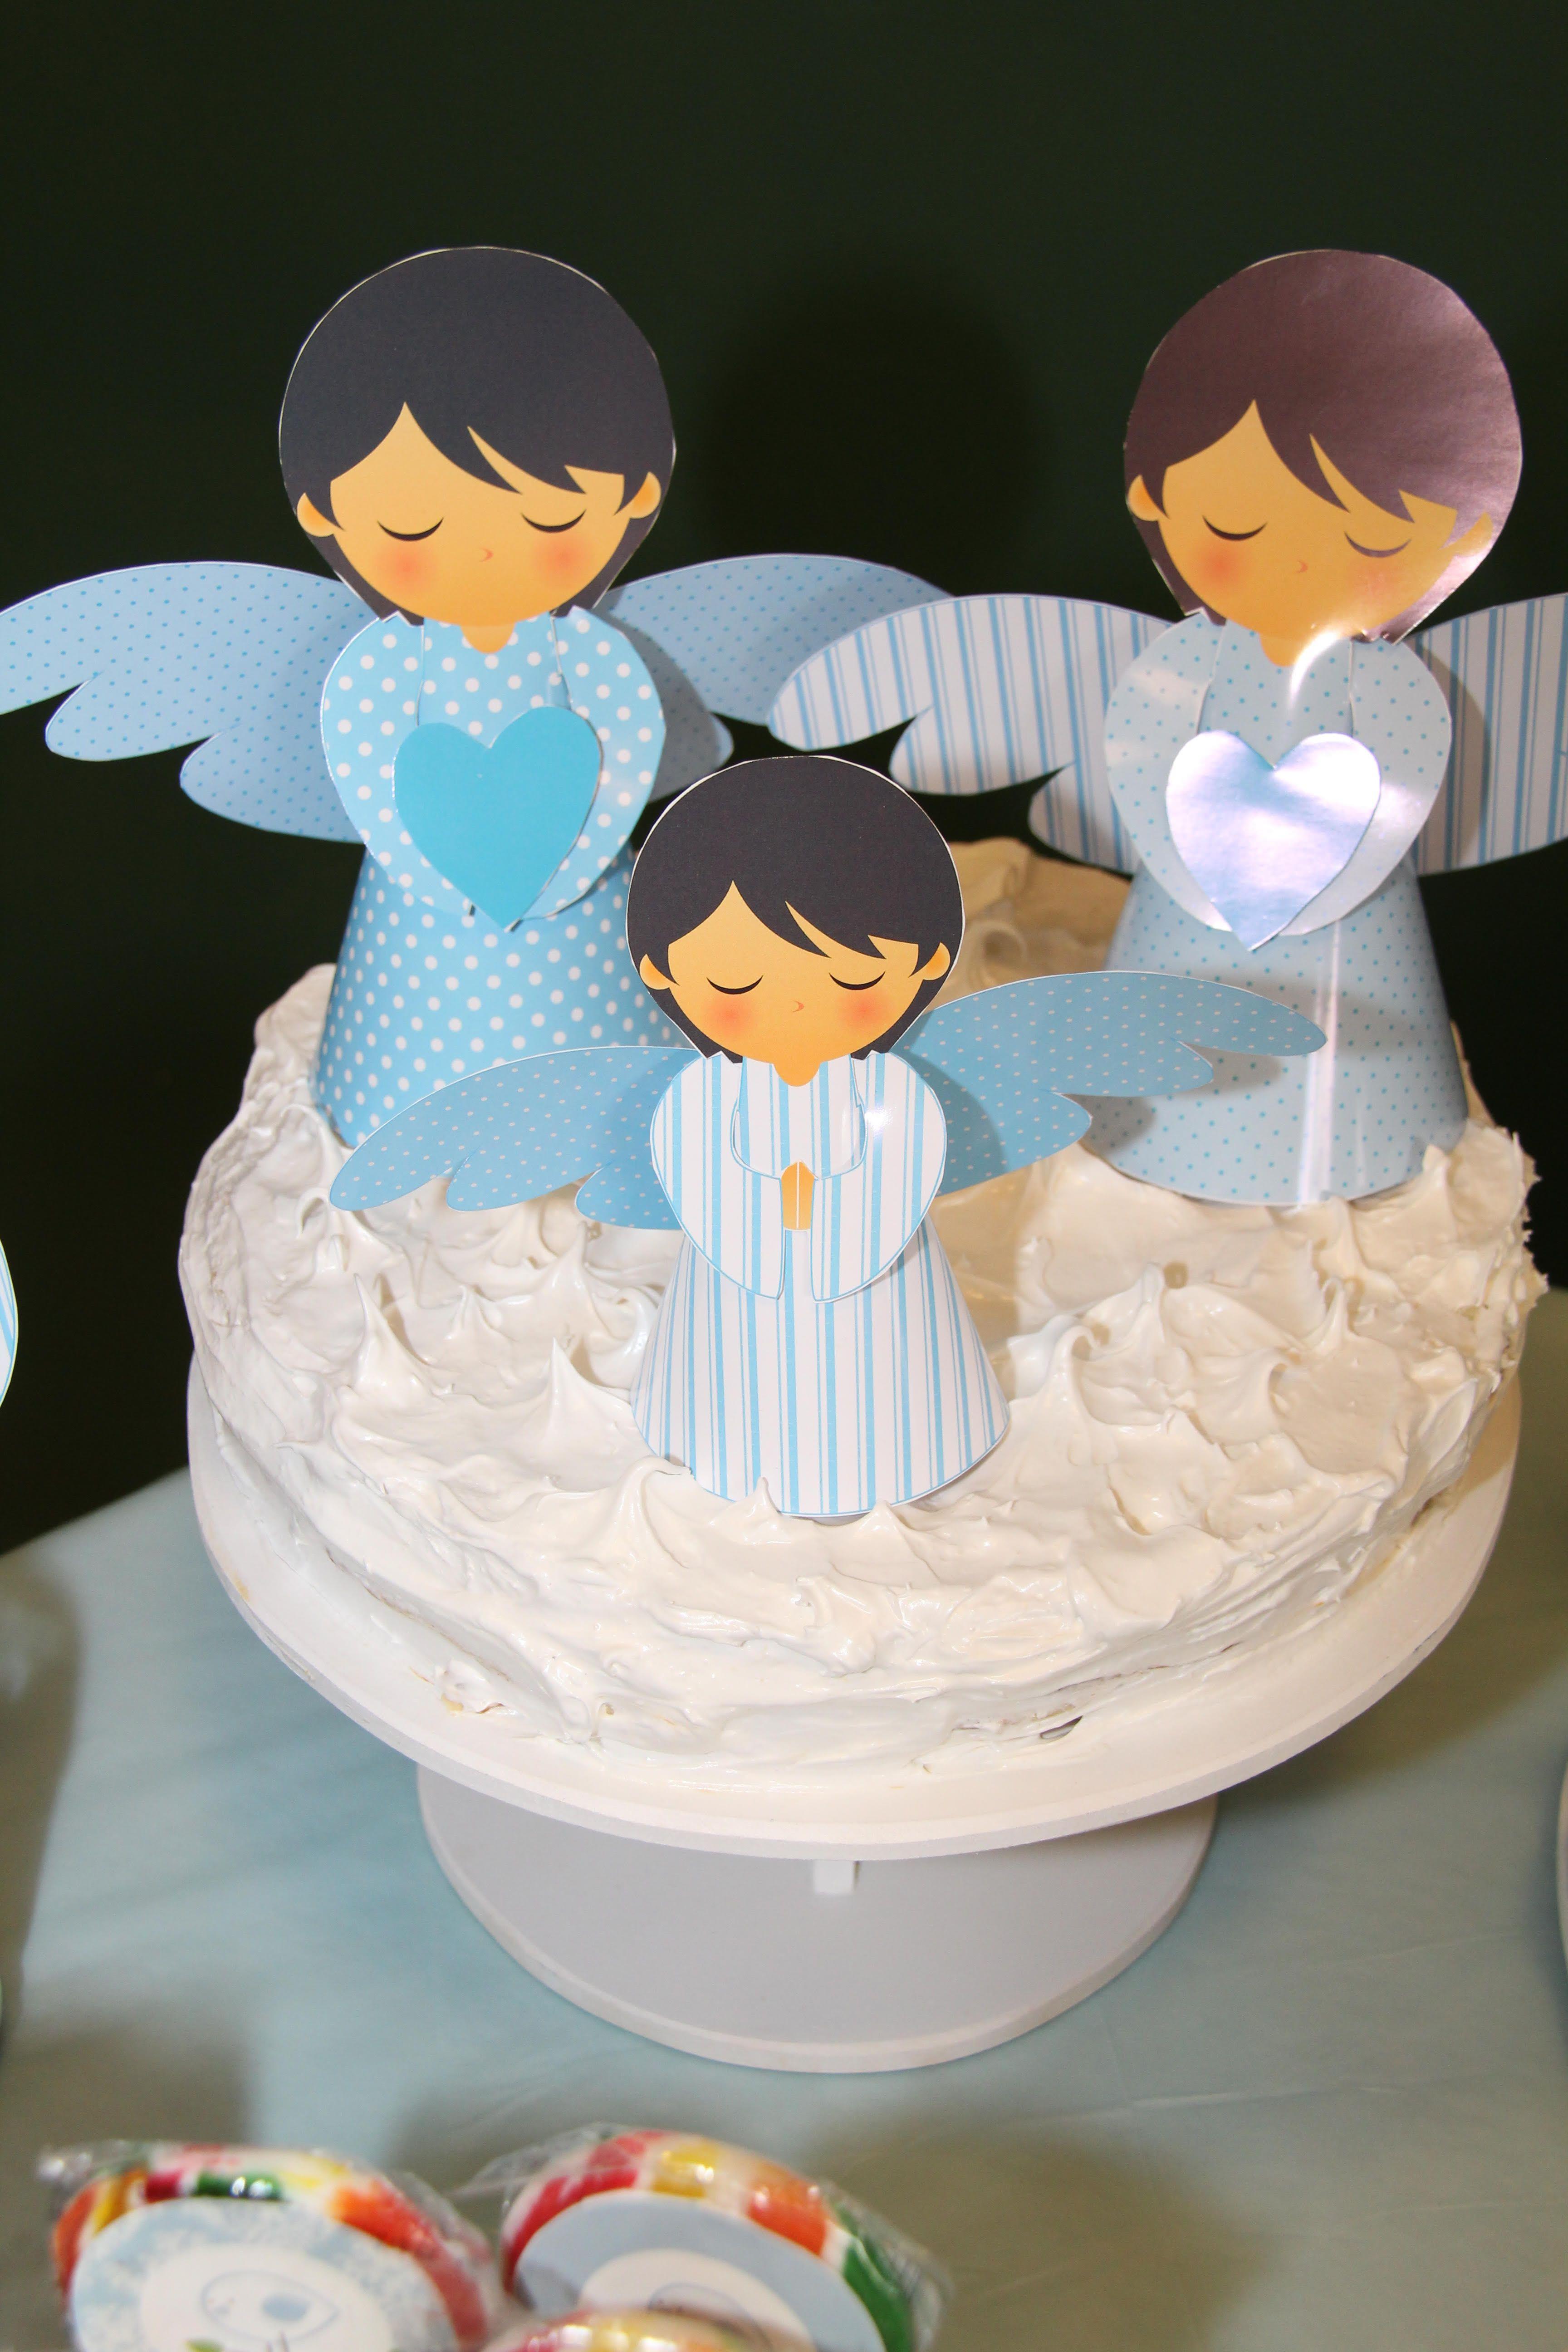 Torta con Angelitos 3D Alitas Celeste de Todo Bonito